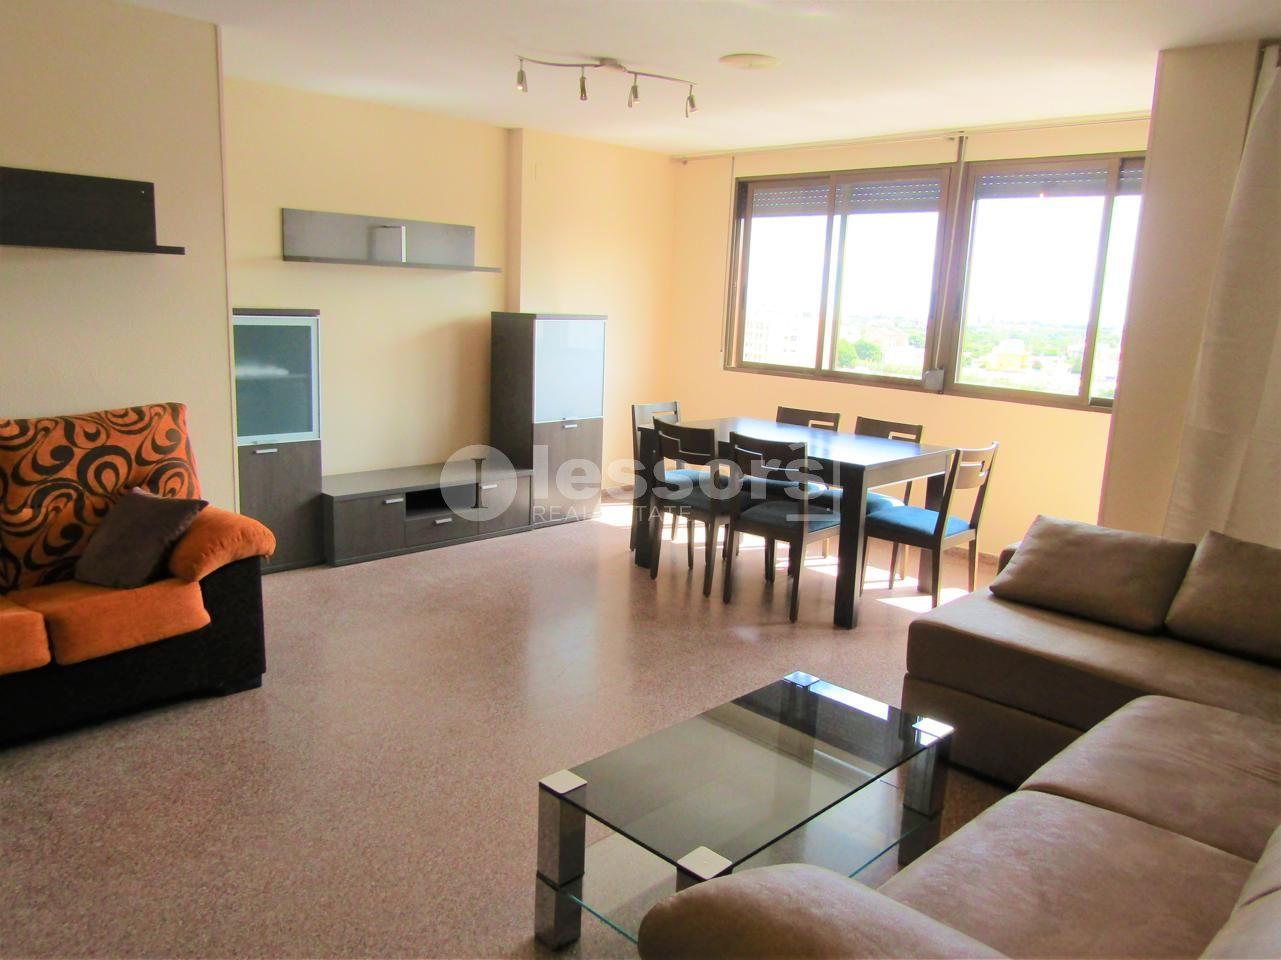 Rent Flat in Centro Ciudad. Alquiler   en av. valencia, completamente amueblada, 3 habitacio